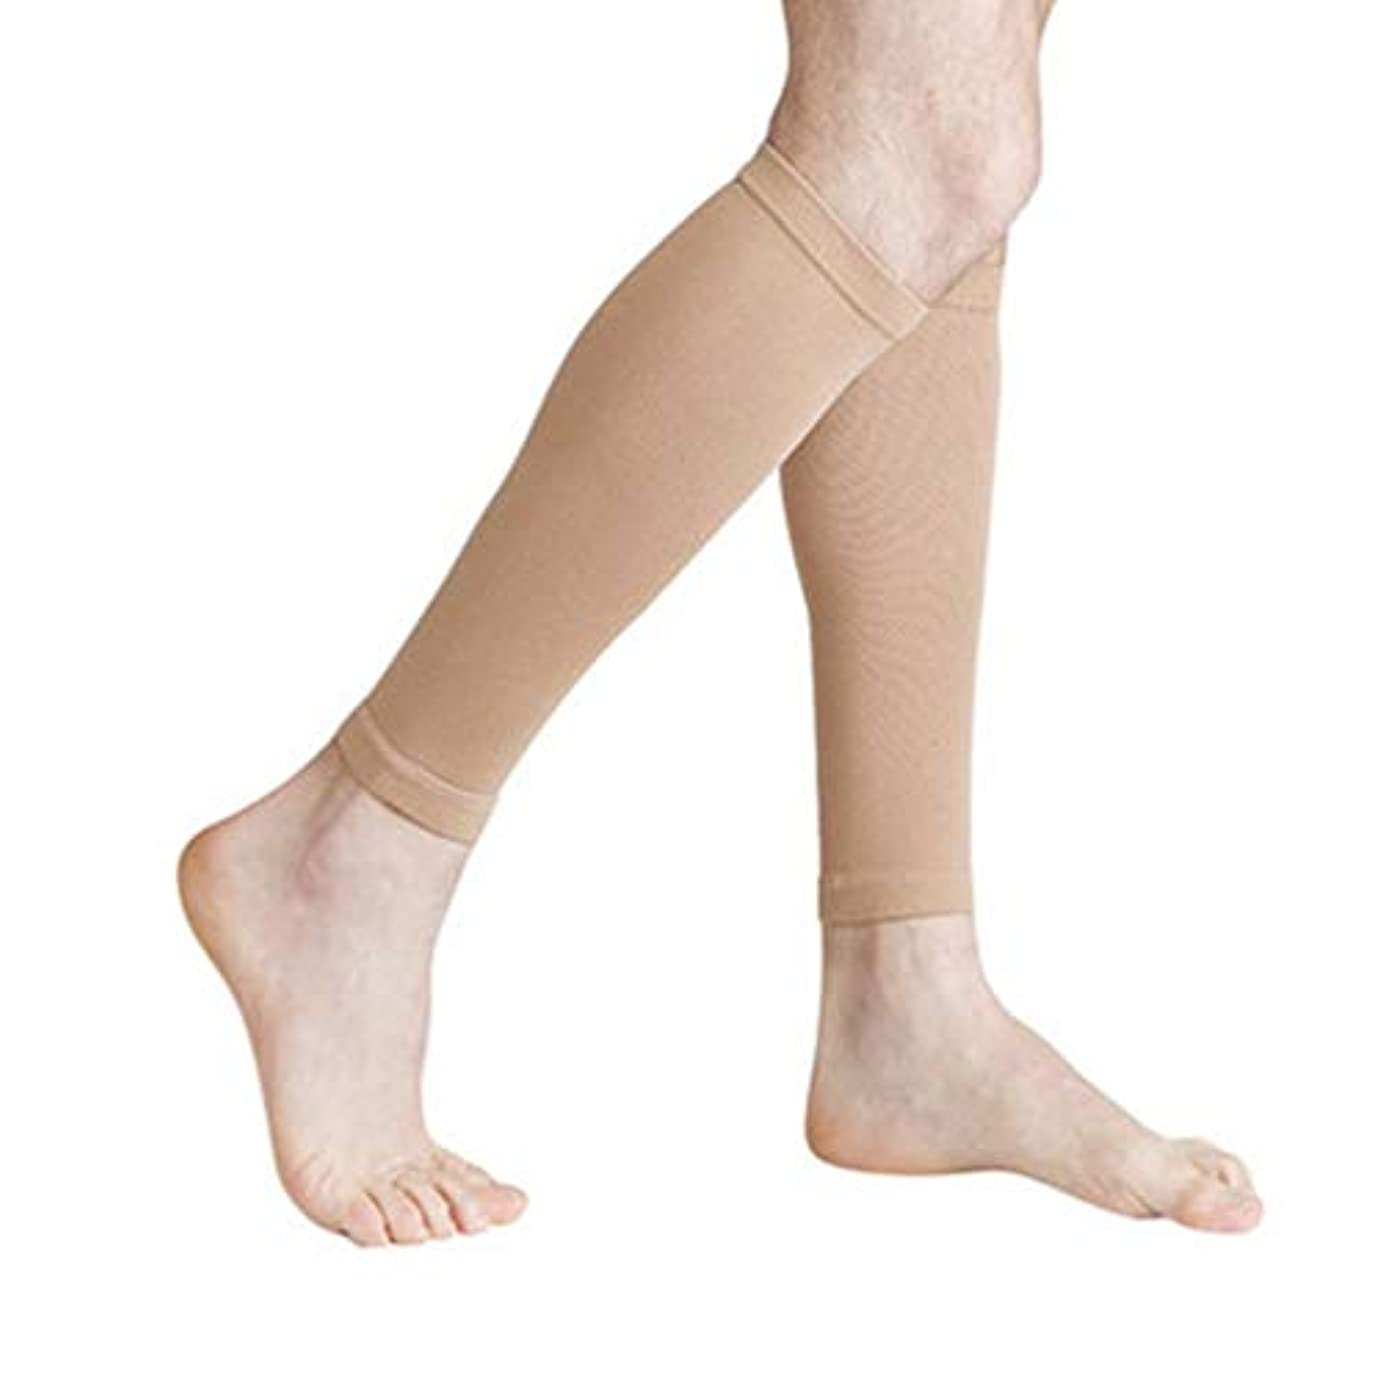 無限大クモ進捗丈夫な男性女性プロの圧縮靴下通気性のある旅行活動看護師用シントスプリントフライトトラベル - 肌色